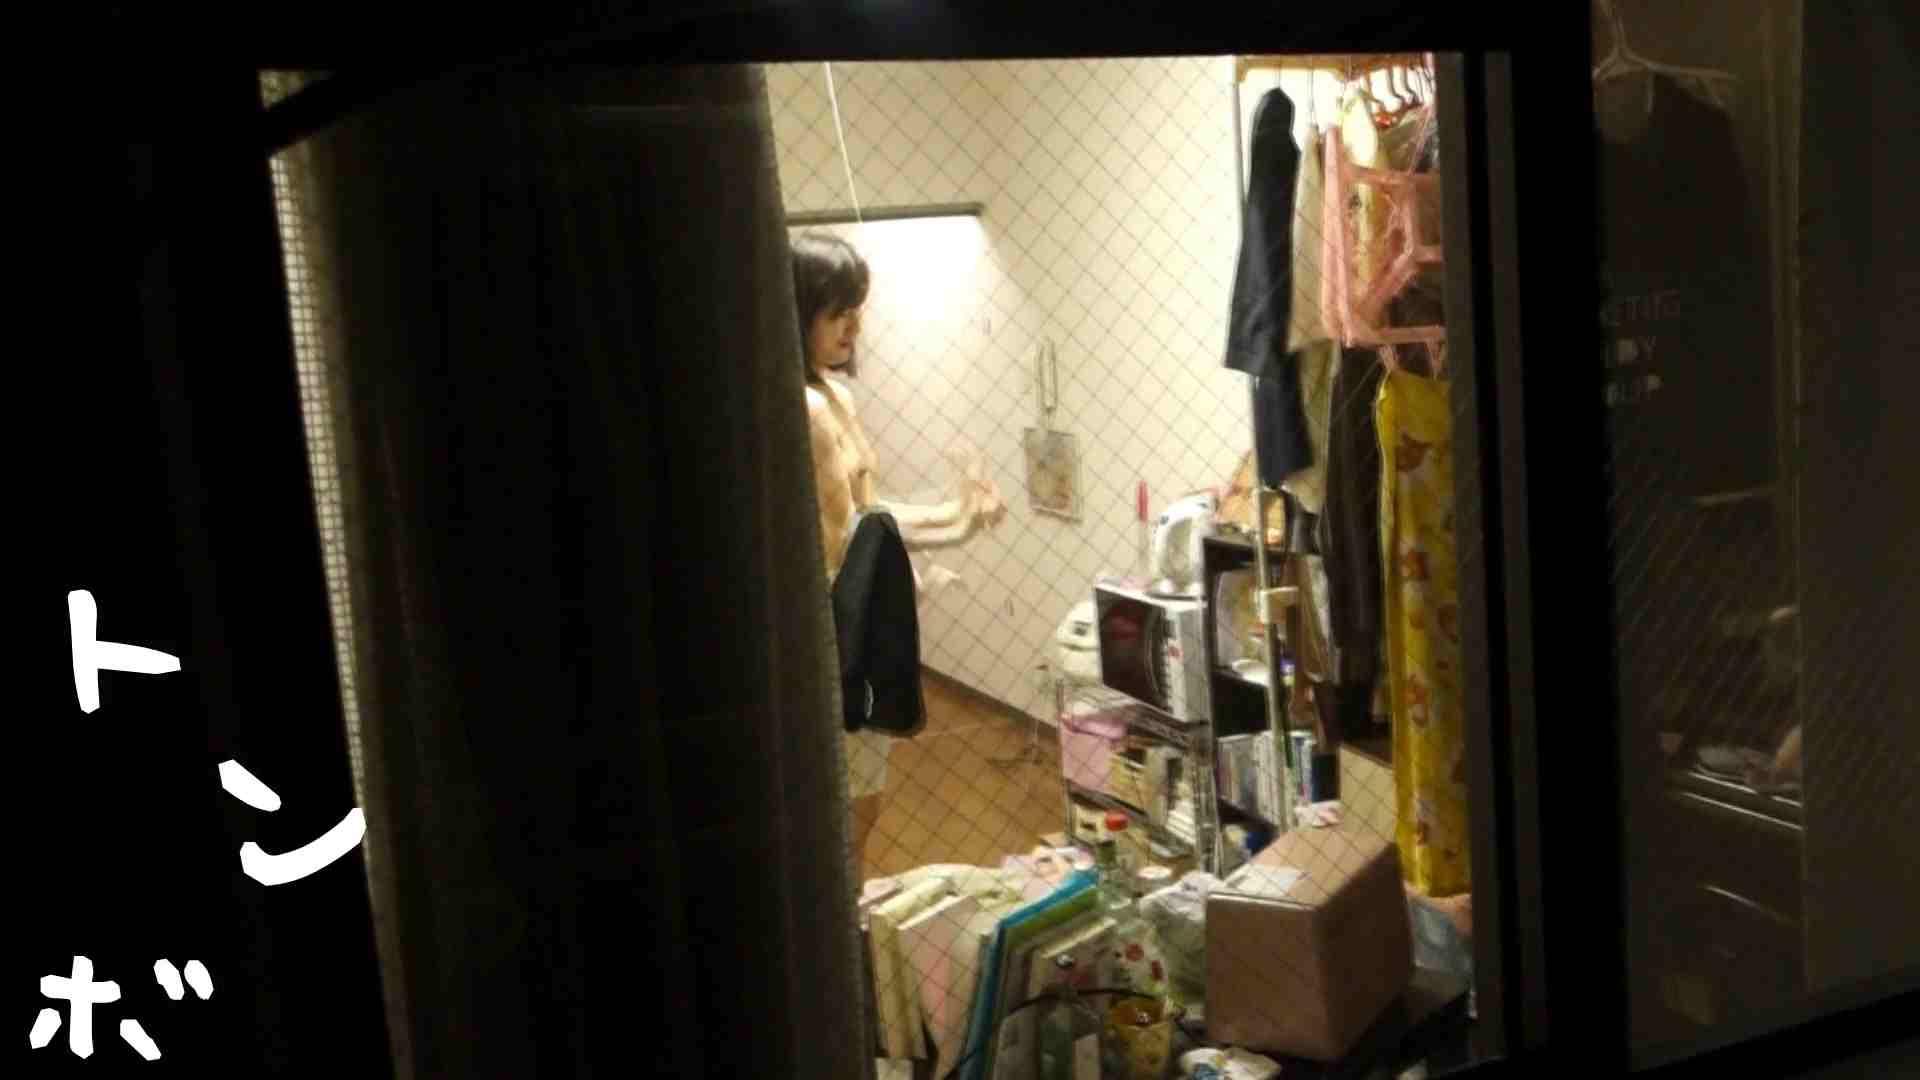 リアル盗撮 S級美女女子大生の私生活② エロくん潜入 覗きおまんこ画像 88連発 23